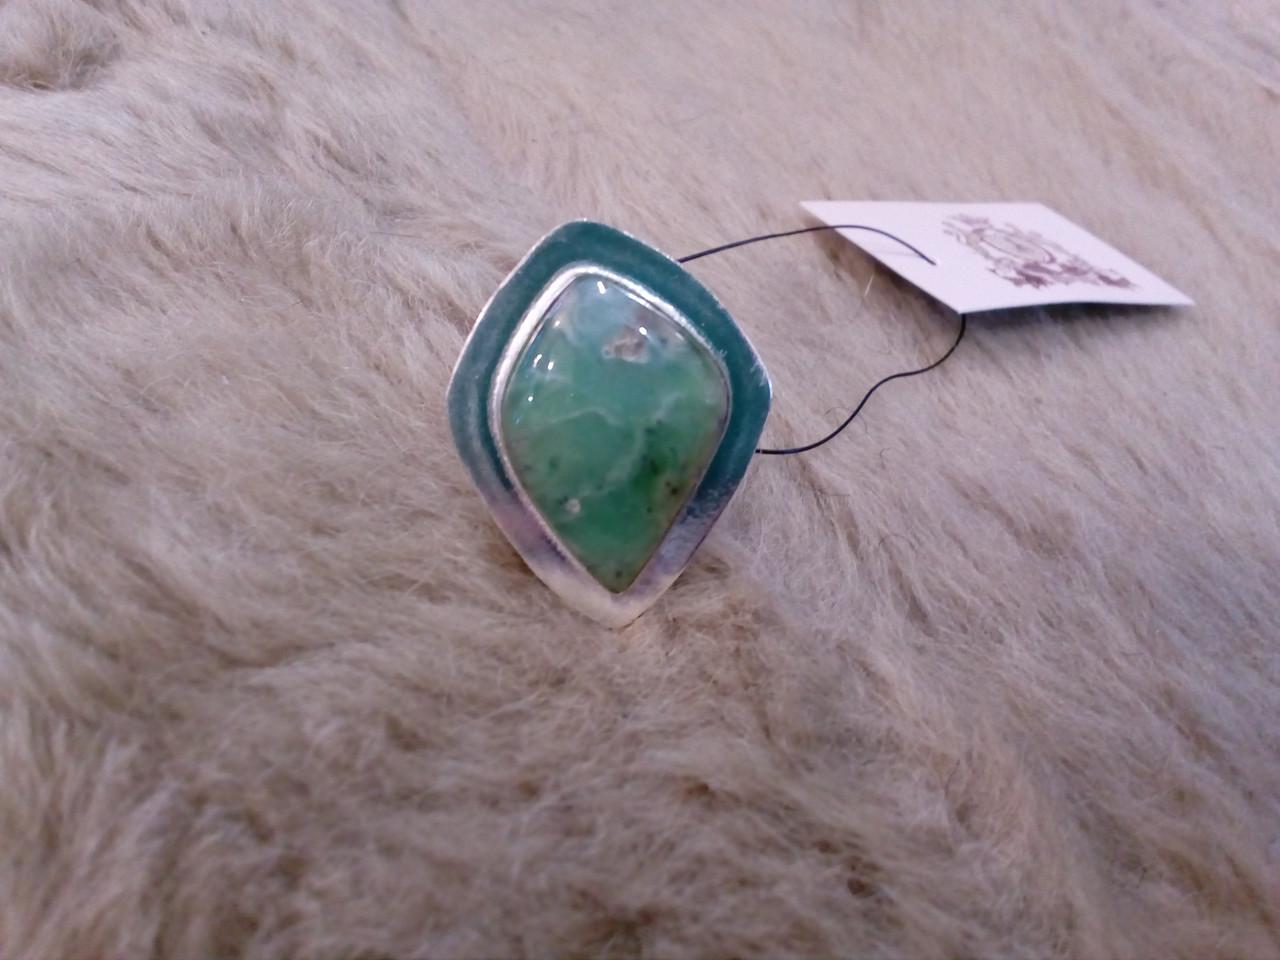 Оригинальное кольцо - природный хризопраз в серебре. Кольцо с хризопразом.18,5 размер. Индия!